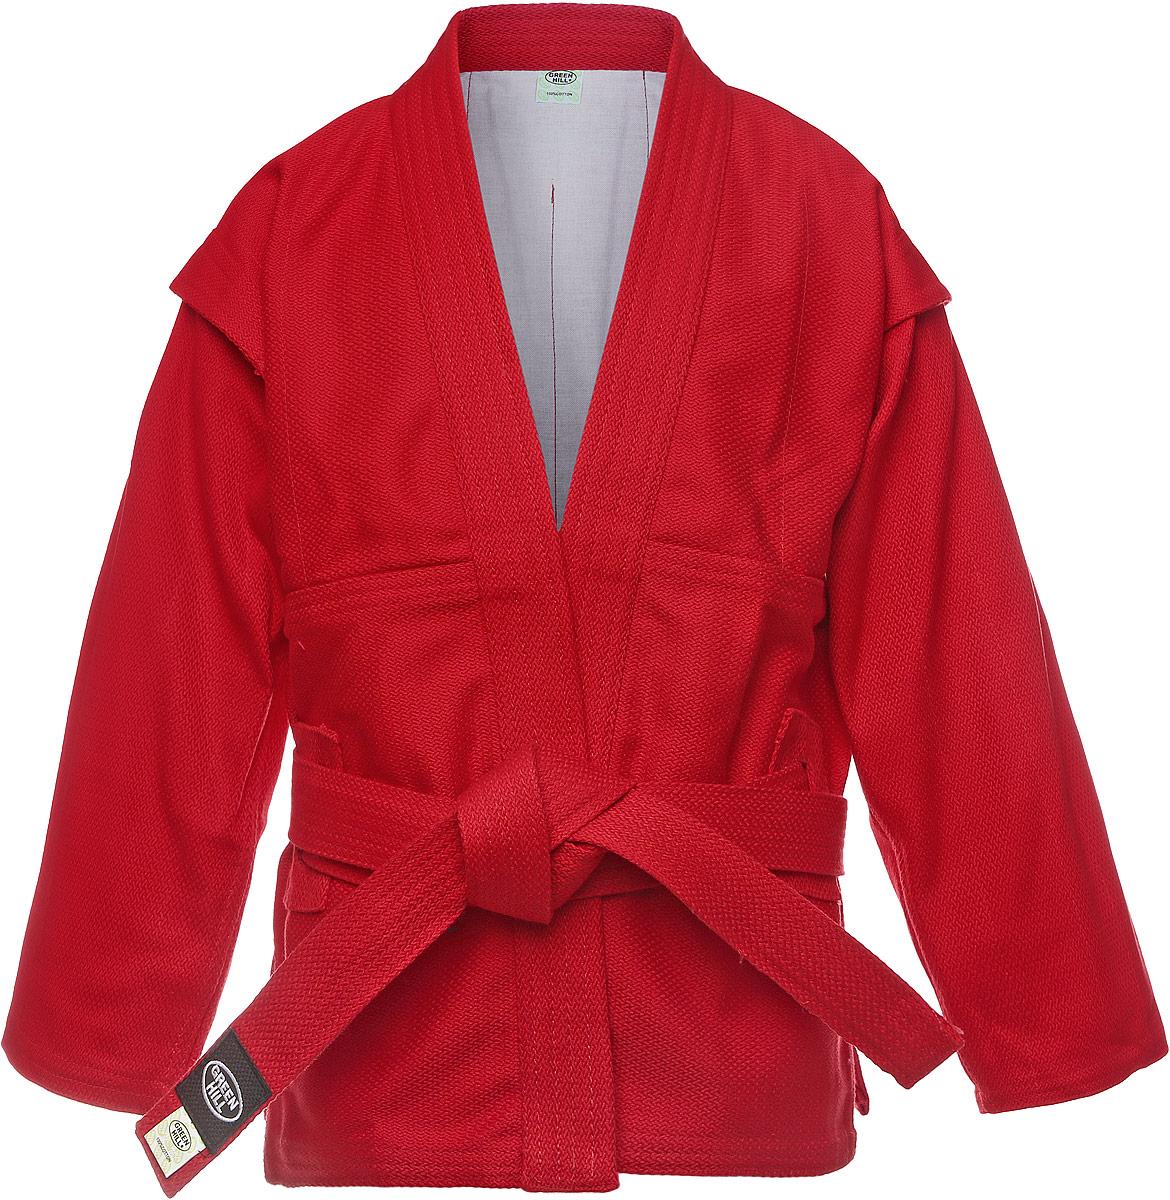 Кимоно для самбоSC-2002Куртка для занятий самбо Green Hill выполнена из 100% хлопка. Просторная куртка с глубоким запахом и боковыми разрезами. Модель дополнена плотным поясом с многорядной прострочкой. Боковые швы и края укреплены дополнительными строчками.